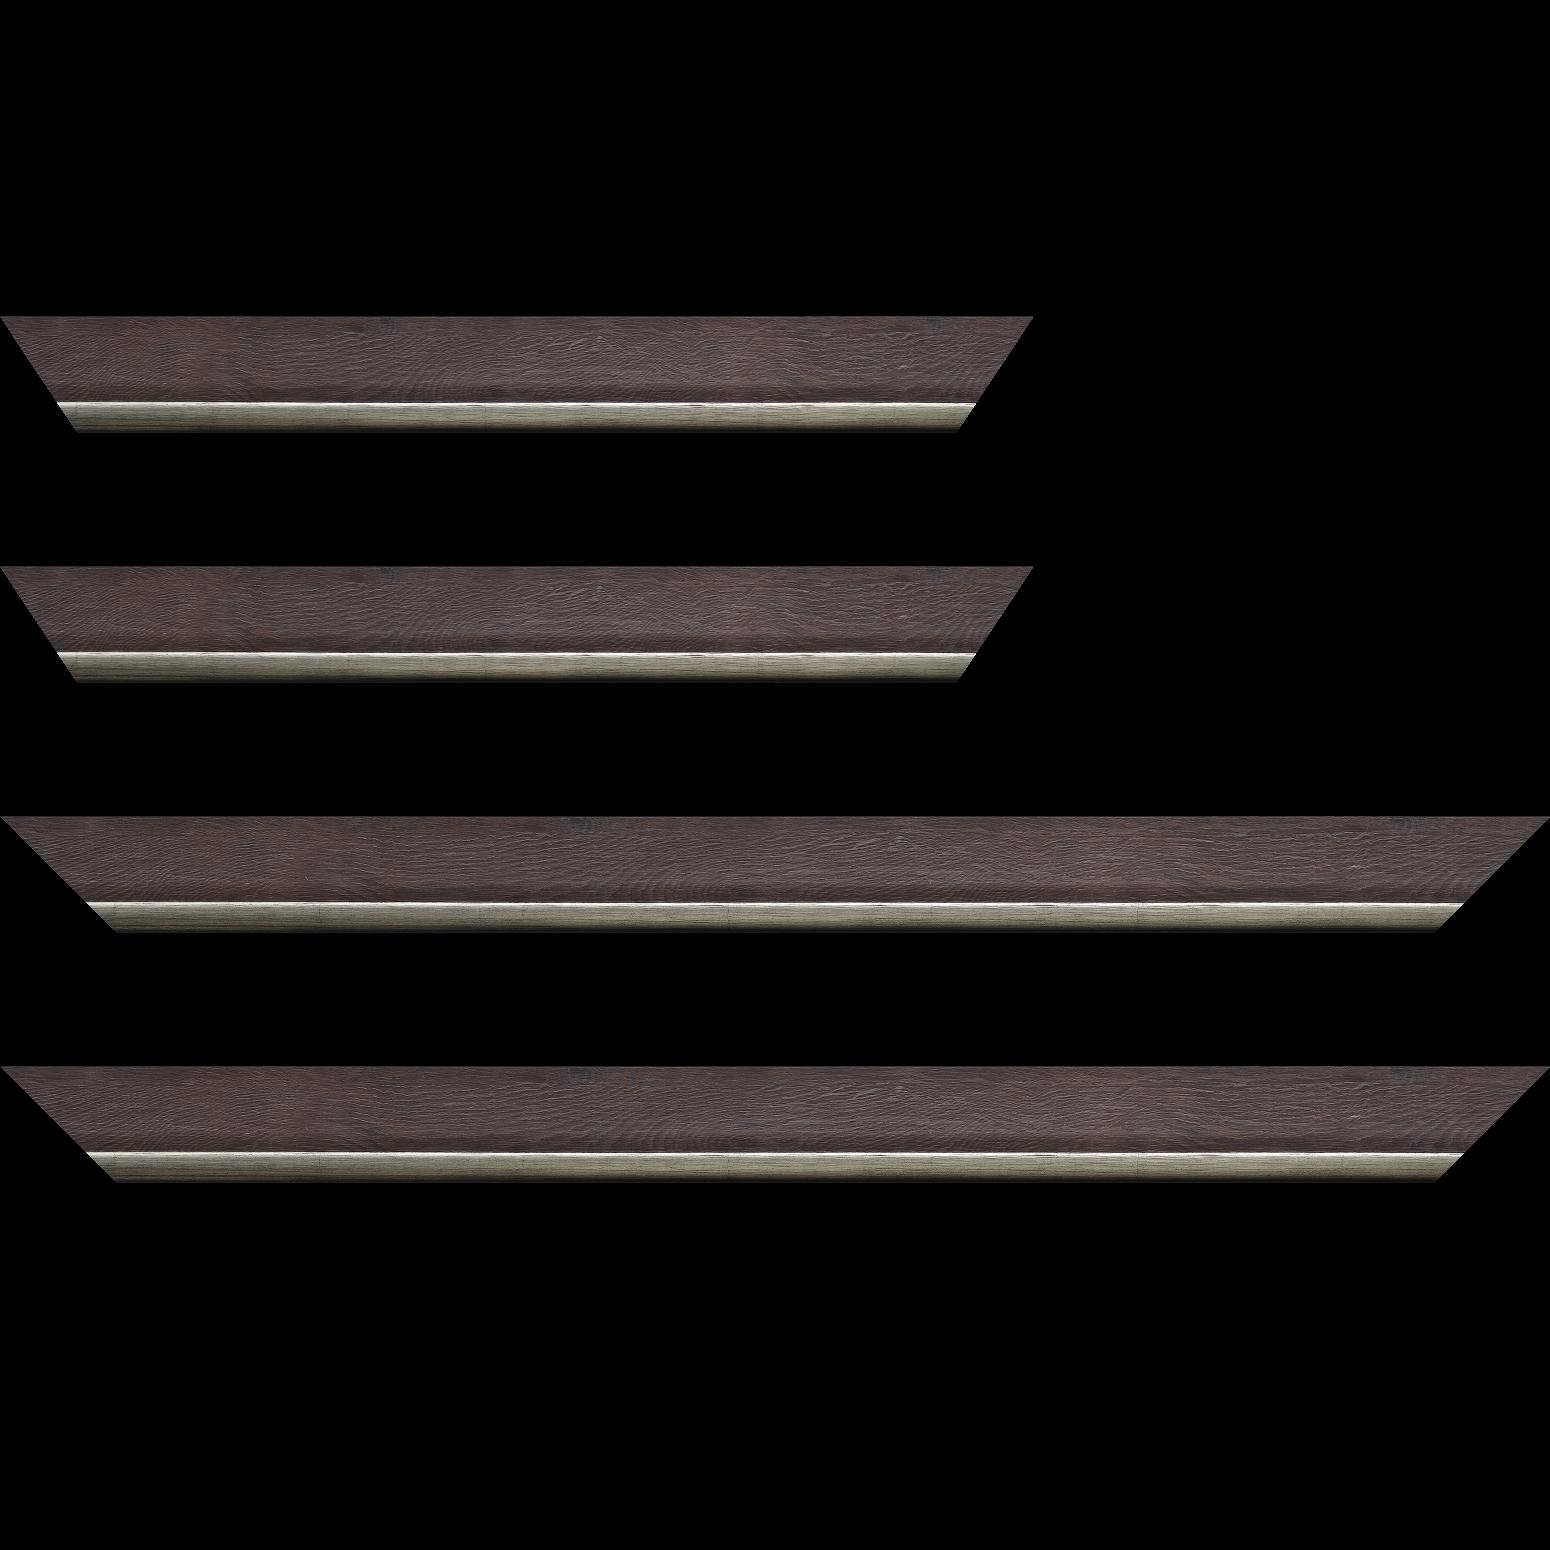 Baguette service précoupé Bois profil plat en pente largeur 3.5cm de couleur ton bois veiné teinté marron foncé filet argent chaud